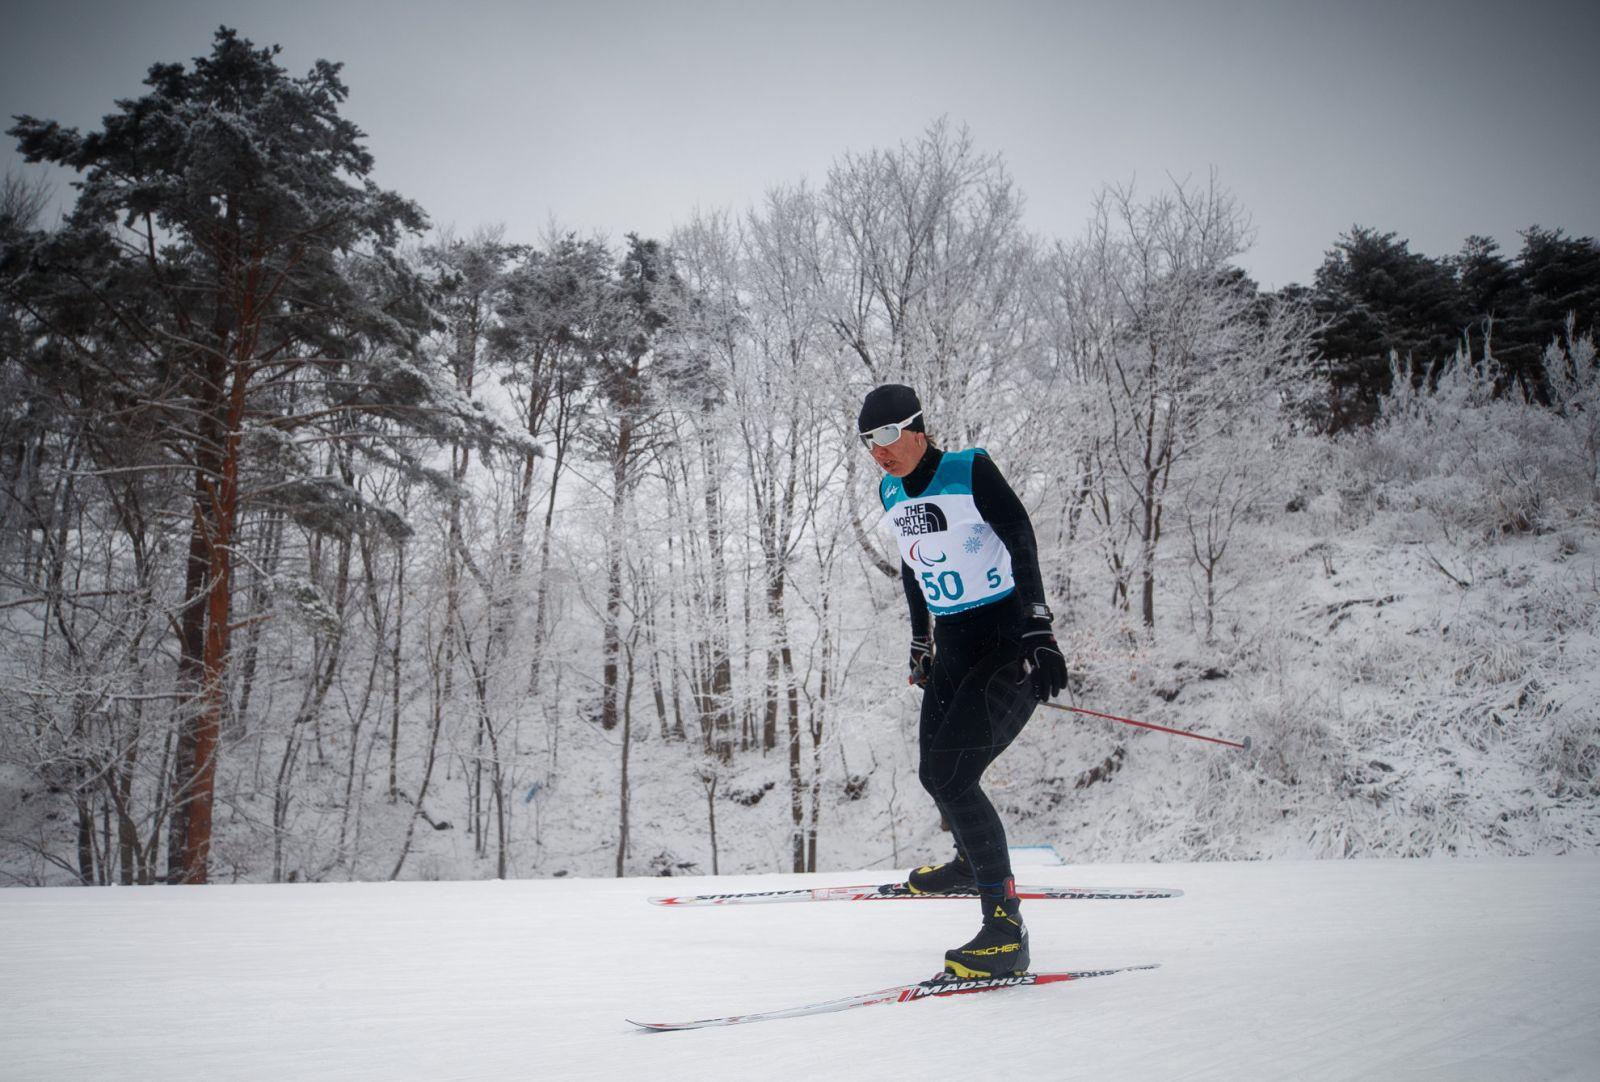 Паралимпиада-2018. 7 день. Анна Миленина выиграла золотую медаль, Екатерина Румянцева - серебряную в биатлоне на 12,5 км